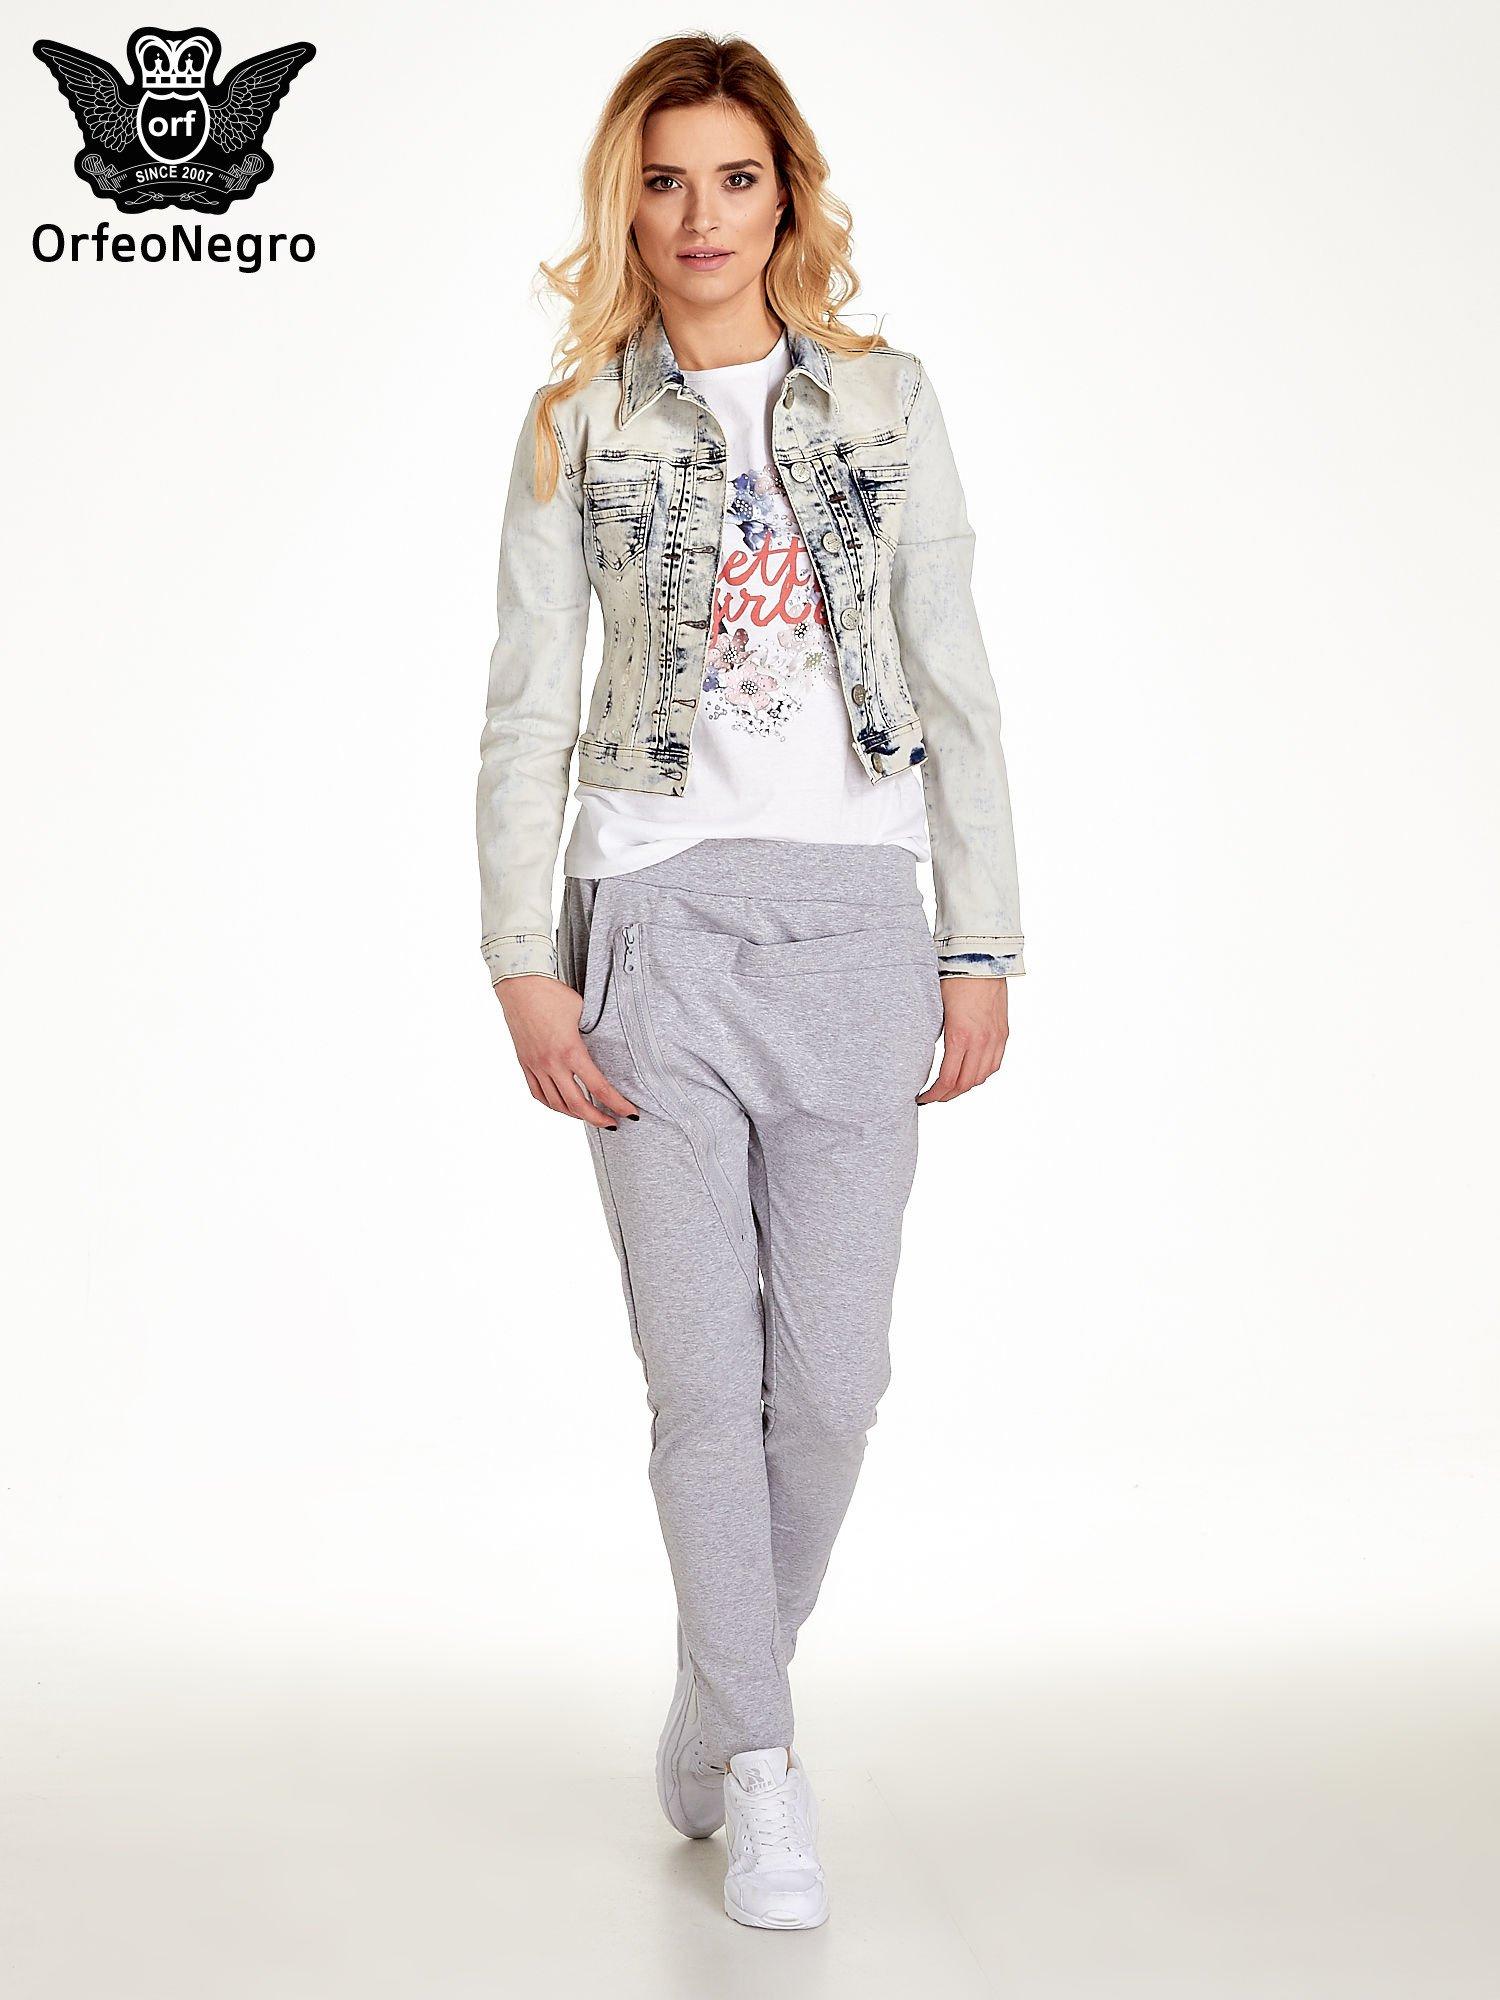 Jasnoniebieska kurtka jeansowa damska marmurkowa z kieszeniami                                  zdj.                                  2